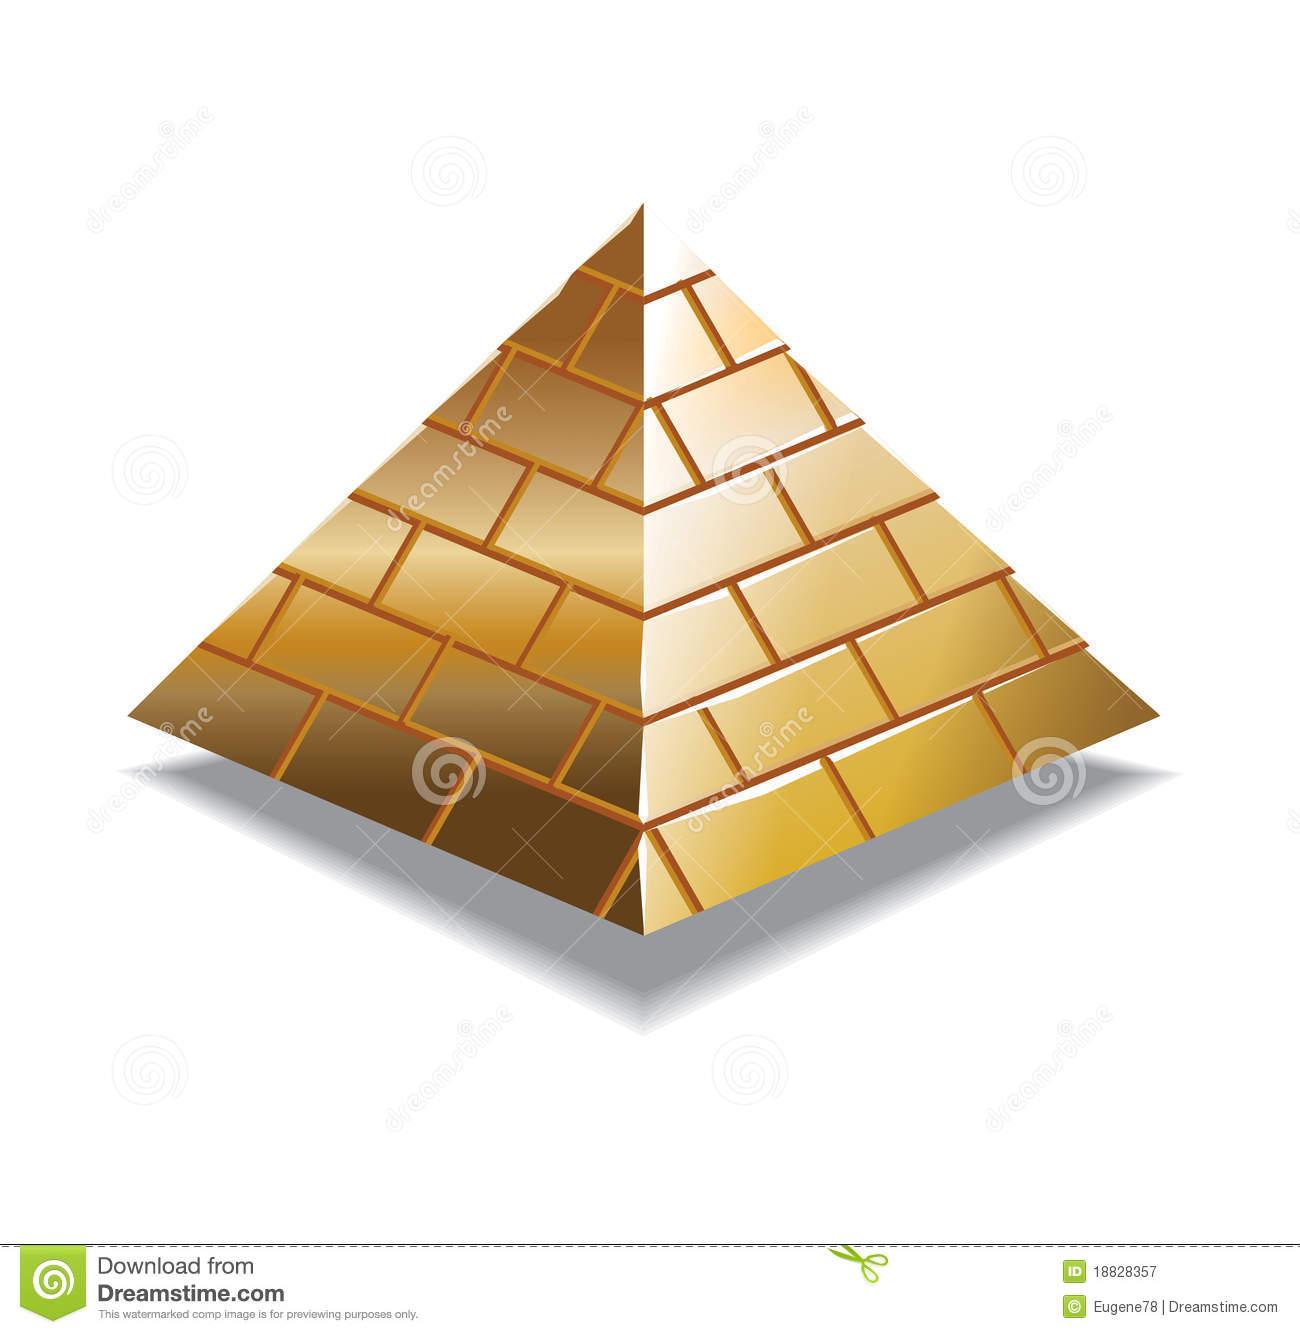 Brick clipart pyramid Art Gold Gold Pyramid –